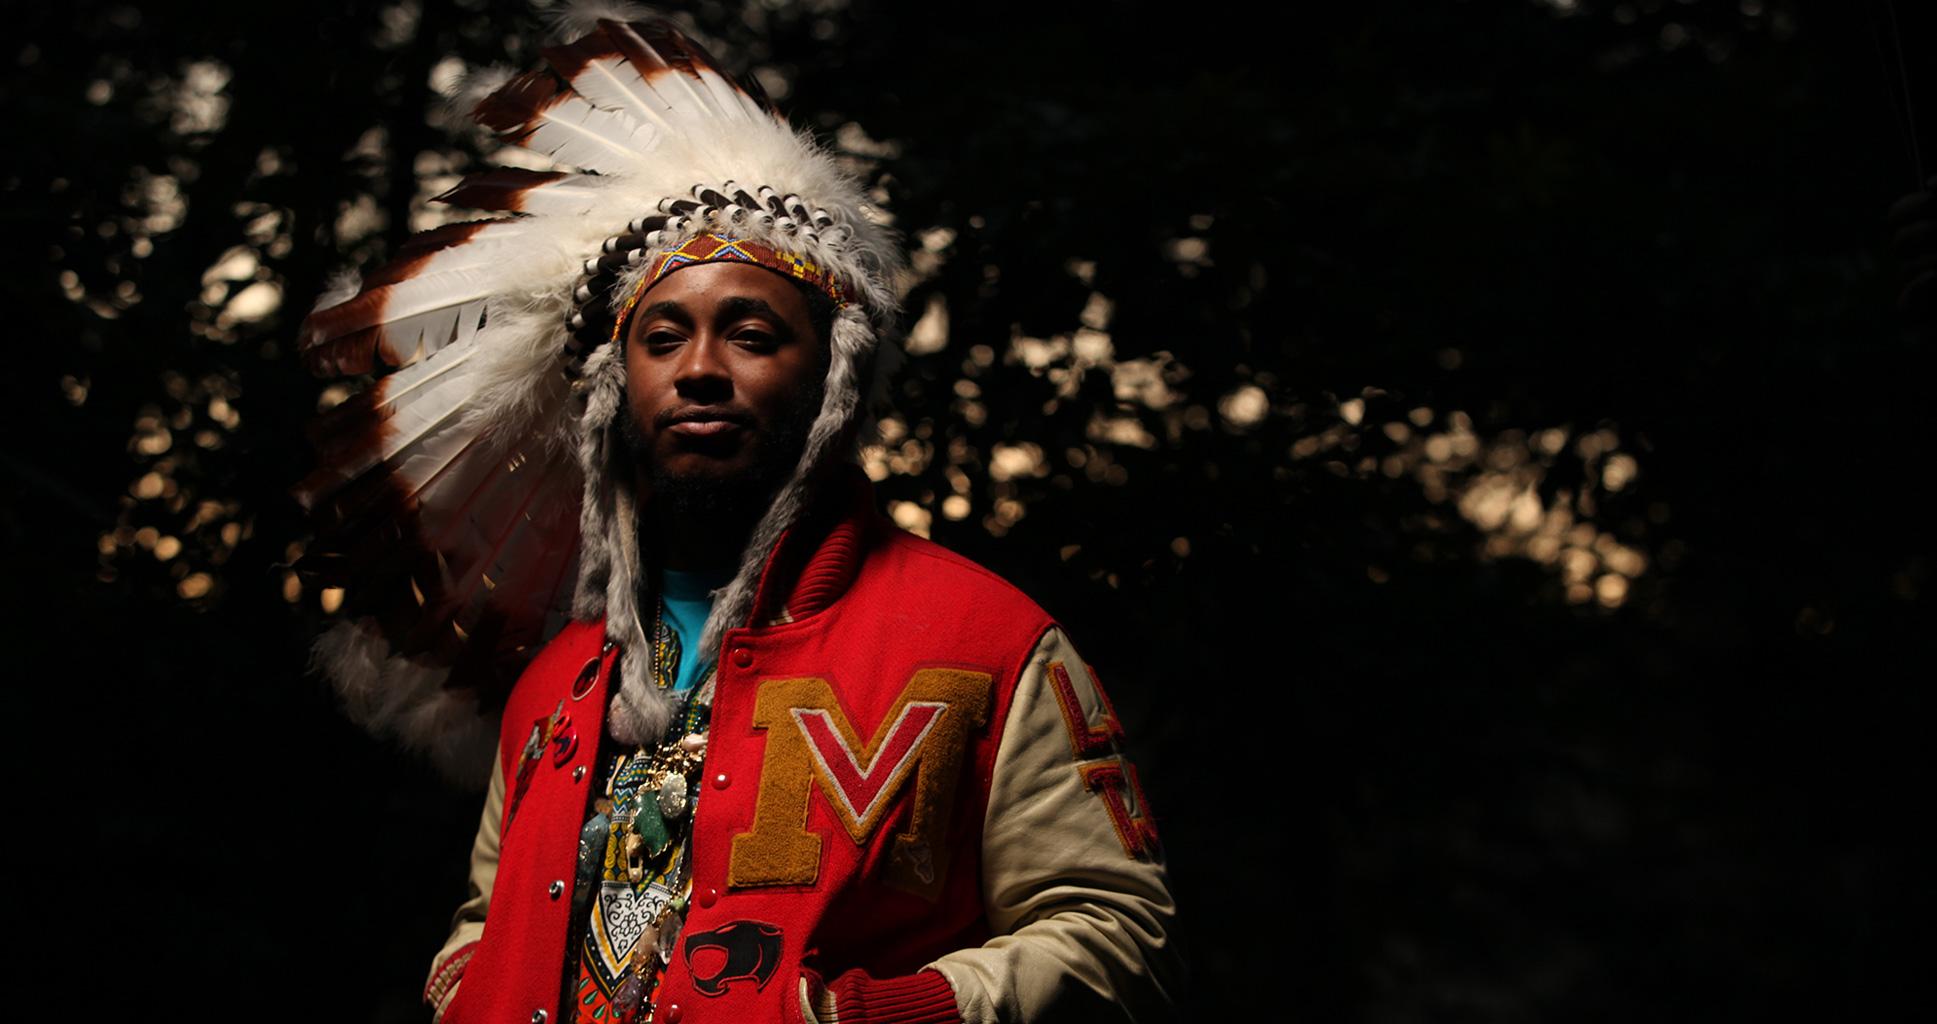 Rencontre avec Thundercat, le savant fou derrière les hits de Kendrick Lamar